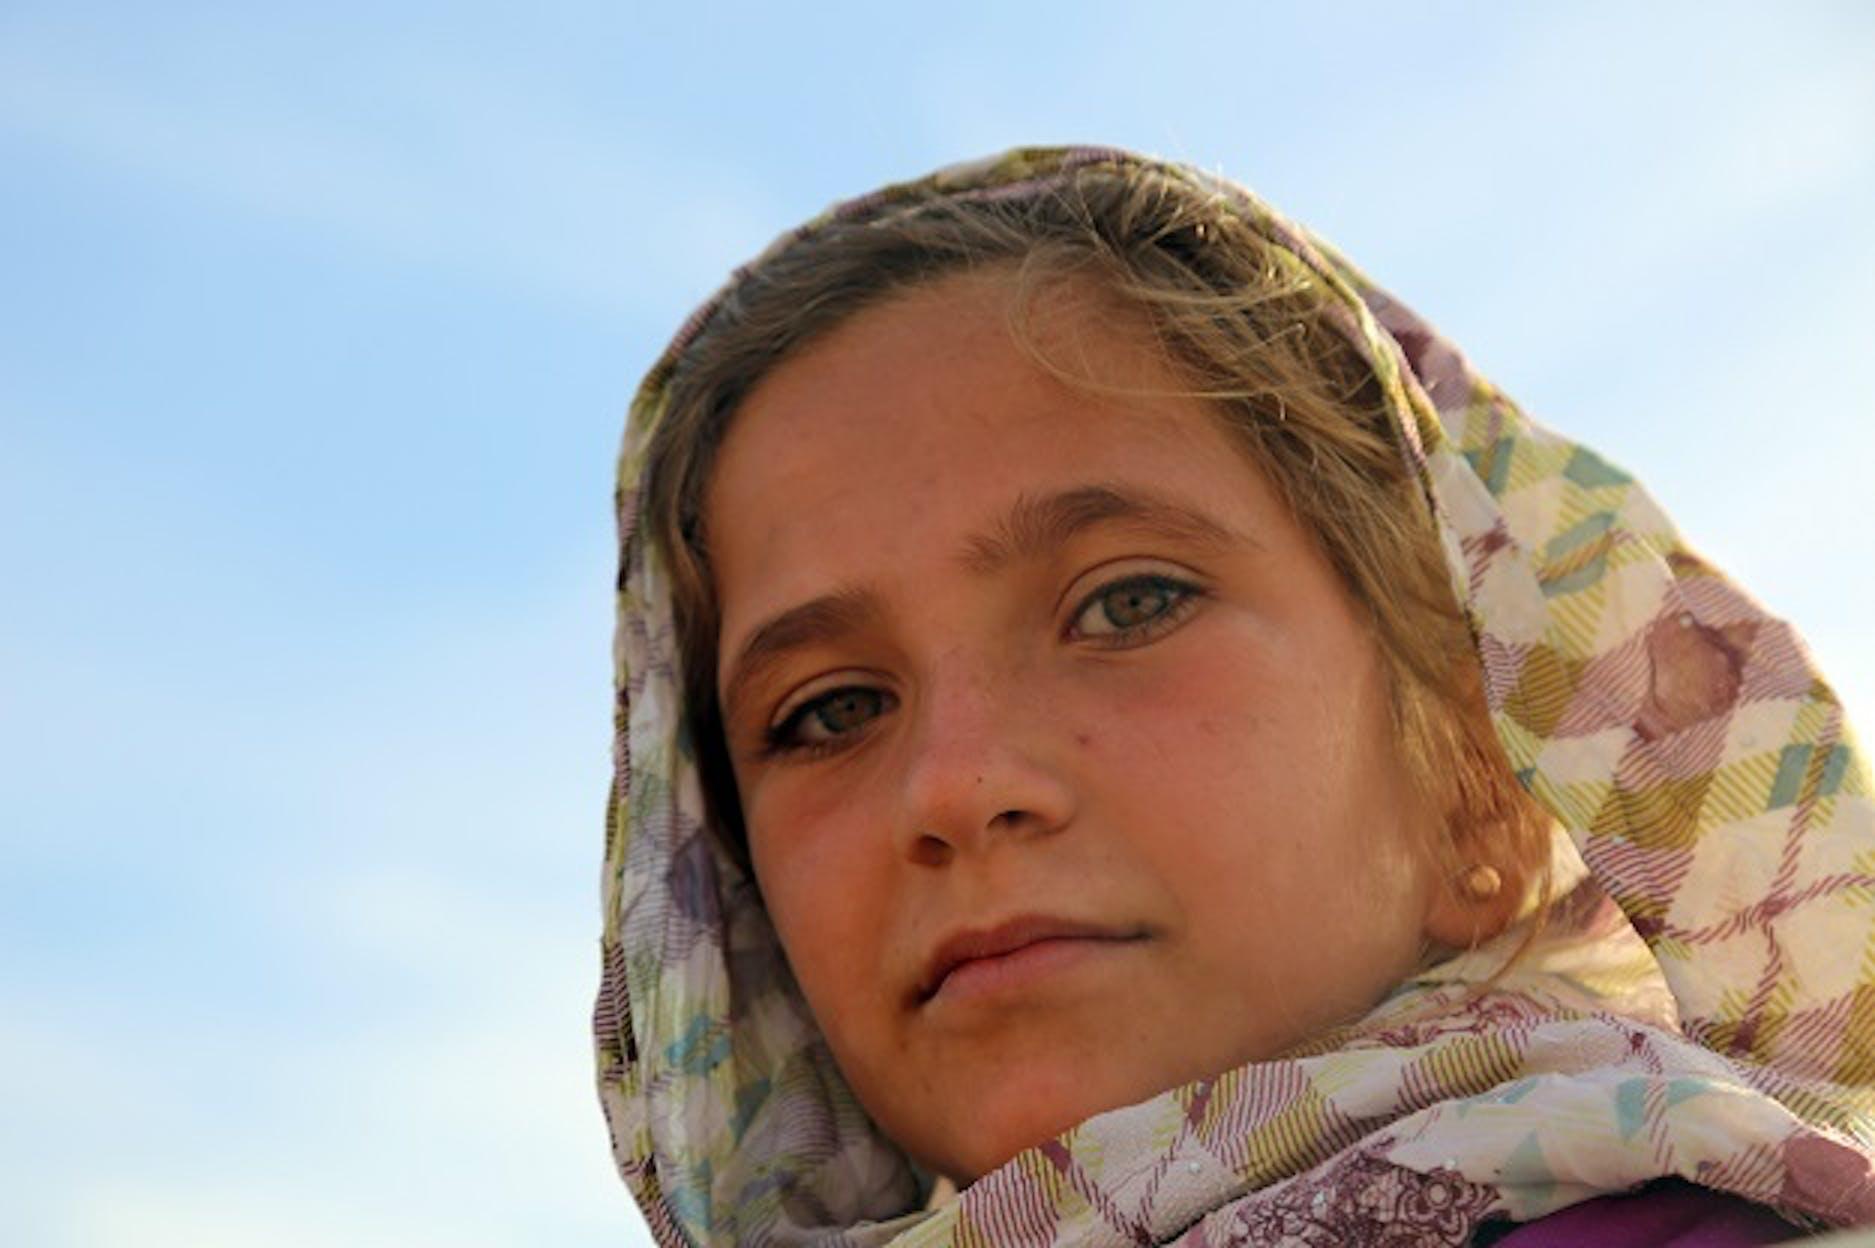 Una bambina fuggita con la sua famiglia da un villaggio nei dintorni di Raqqa (Siria) - ©UNICEF/UN039564/Soulaiman